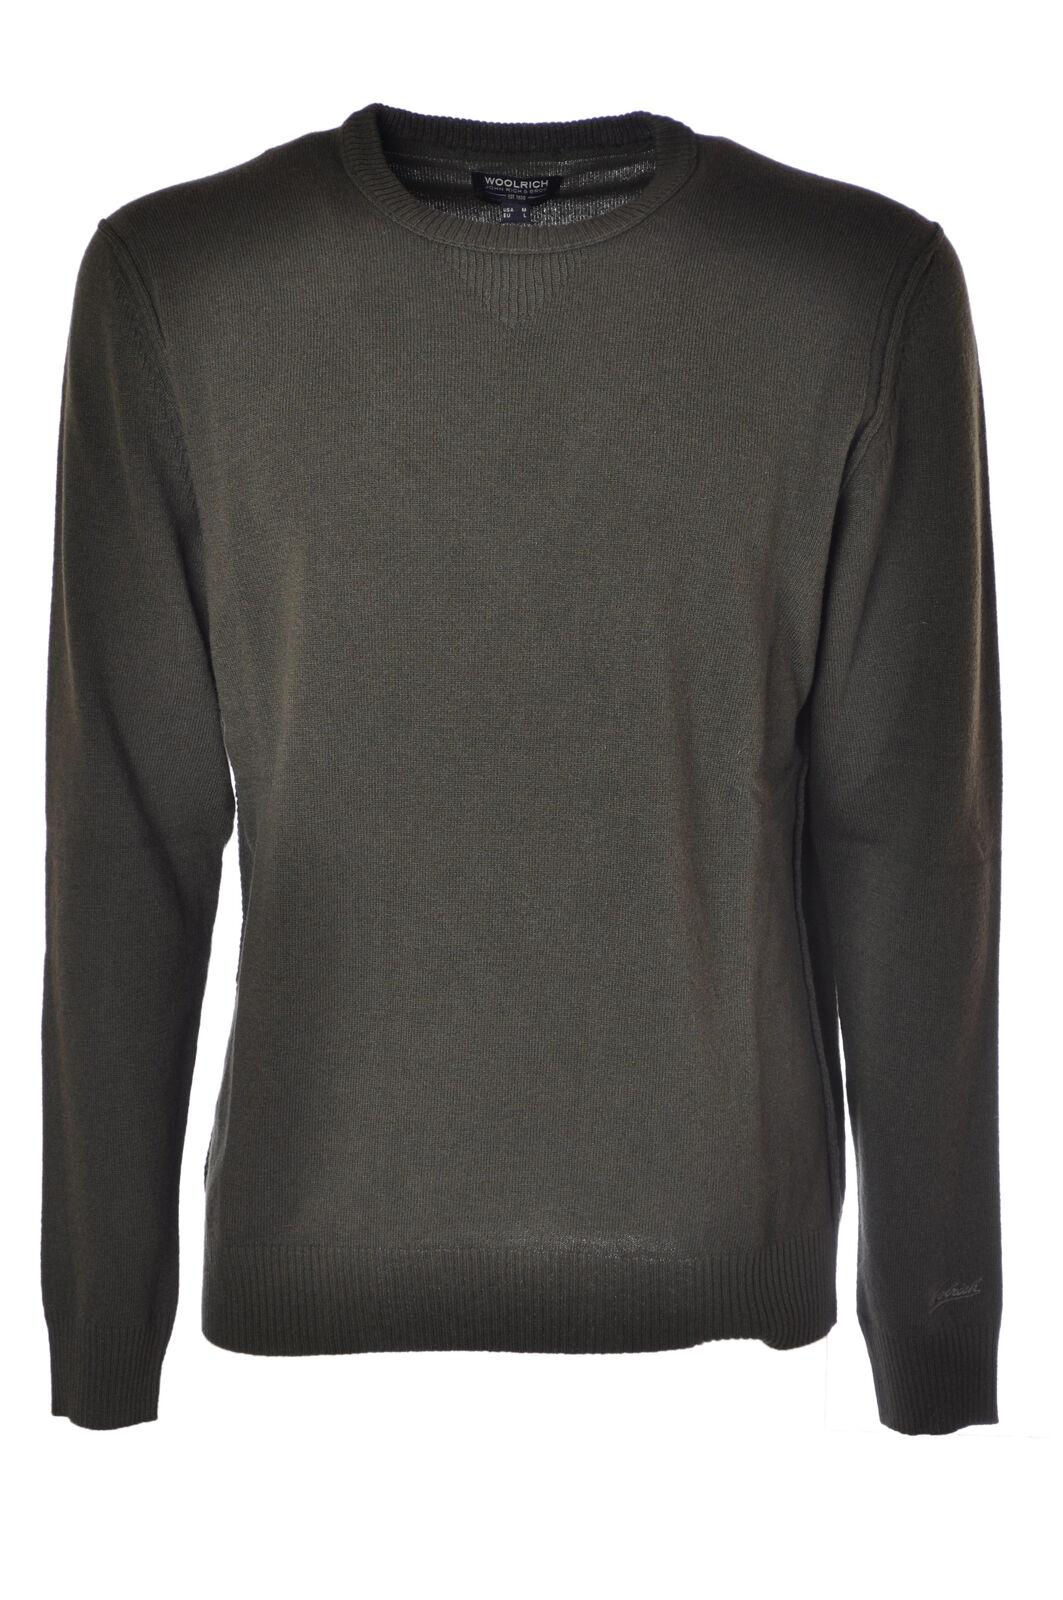 Woolrich  -  Sweaters - Male - Grün - 4215627A185428